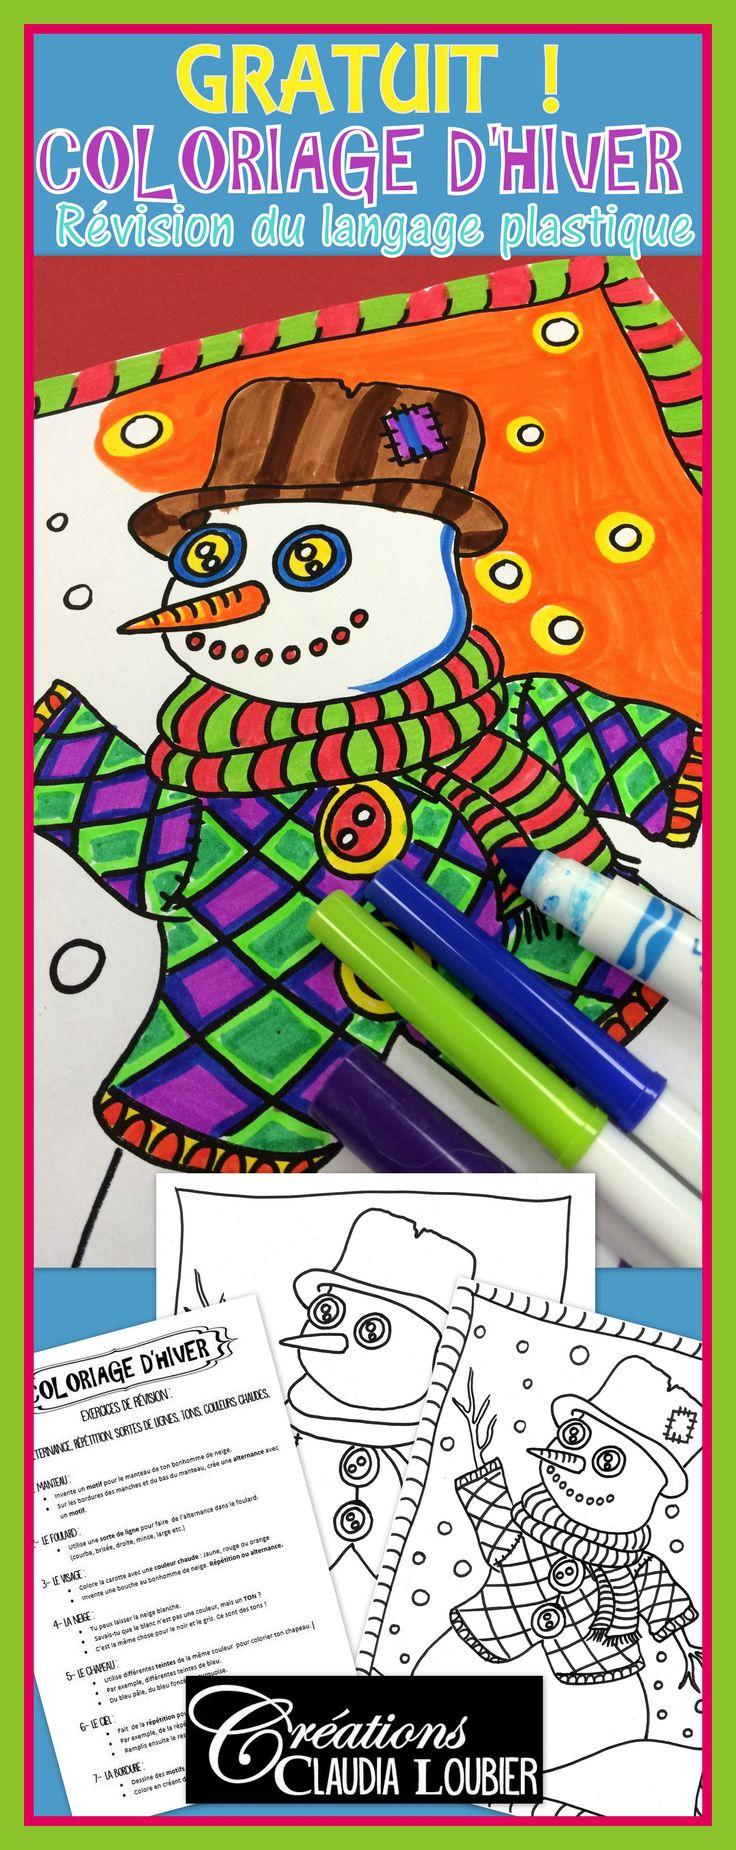 J'ai créé ce ''Coloriage d'hiver'' pour occuper de façon plus éducative mes élèves pendant les derniers jours avant Noël. Votre cadeau pour Noël ! Merci pour vos partages, vos ''J'aime'', vos commentaires et pour tous ces échanges enrichissants durant cette année ! Mais pourquoi ne pas rendre ce coloriage plus enrichissant en révisant des notions du langage plastique. Réviser les notions de motifs, d'alternance, de répétition, de sortes de lignes, de tons et de couleurs chaudes.